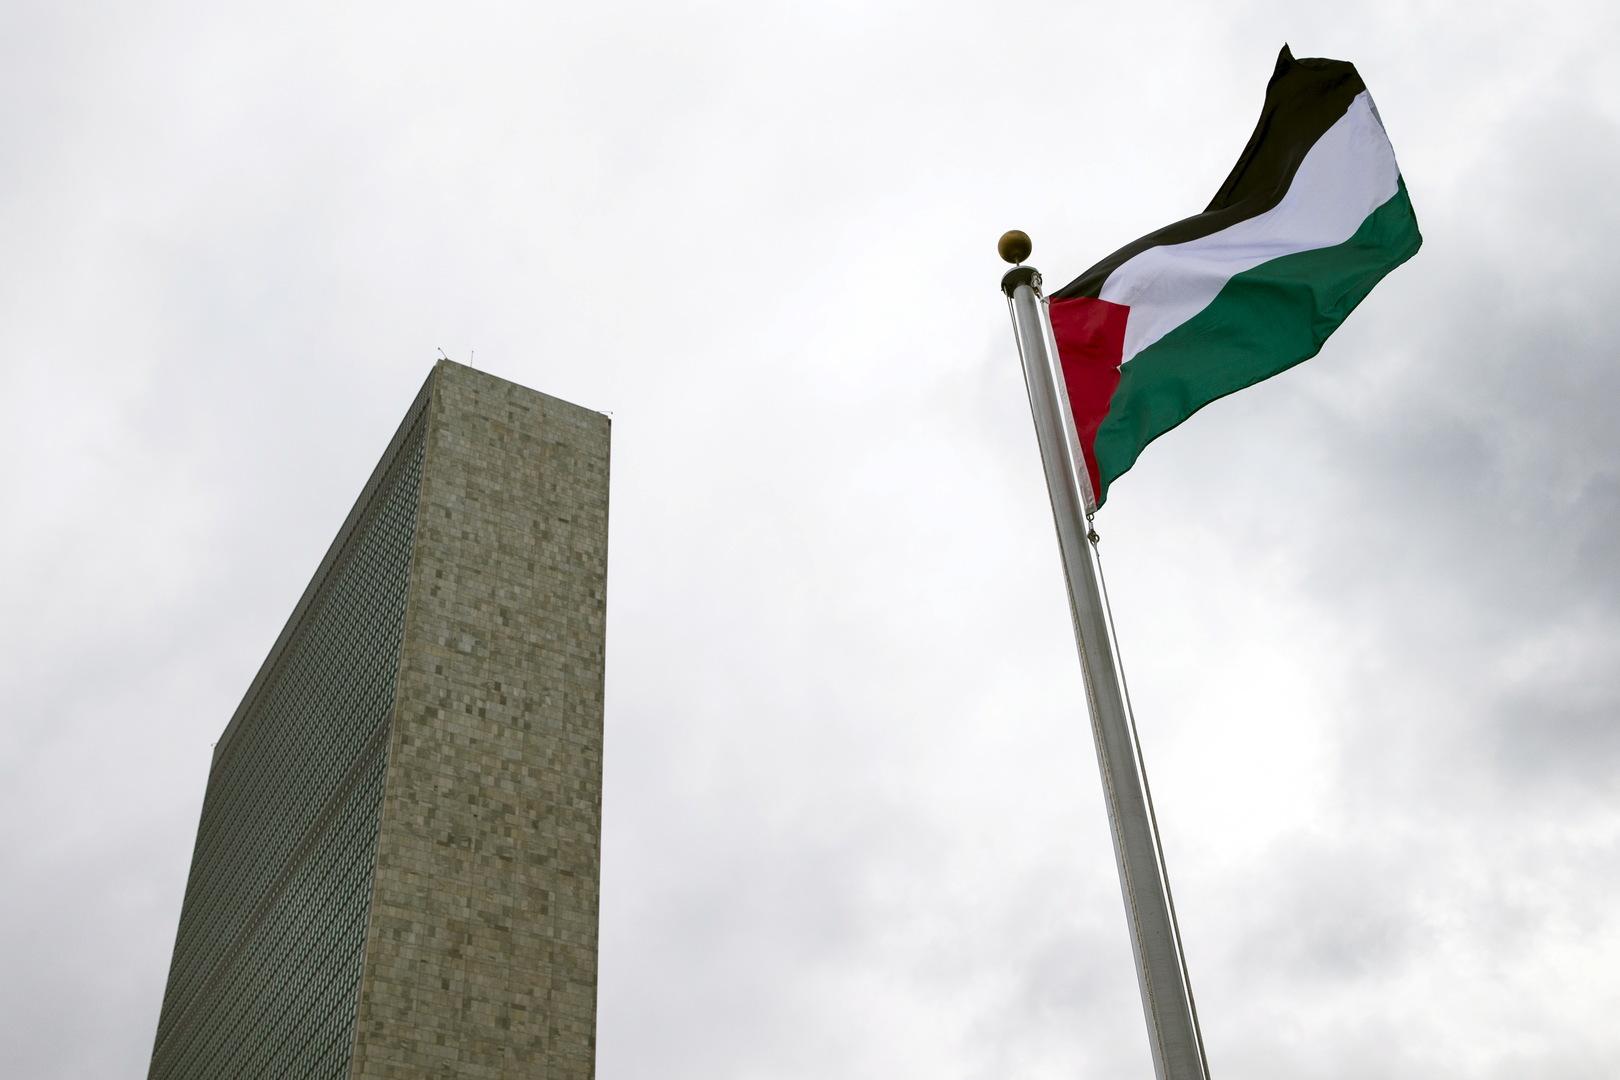 السلطة الفلسطينية تحشد تحركا دوليا عاجلا وسط تصعيد حول السجون الإسرائيلية